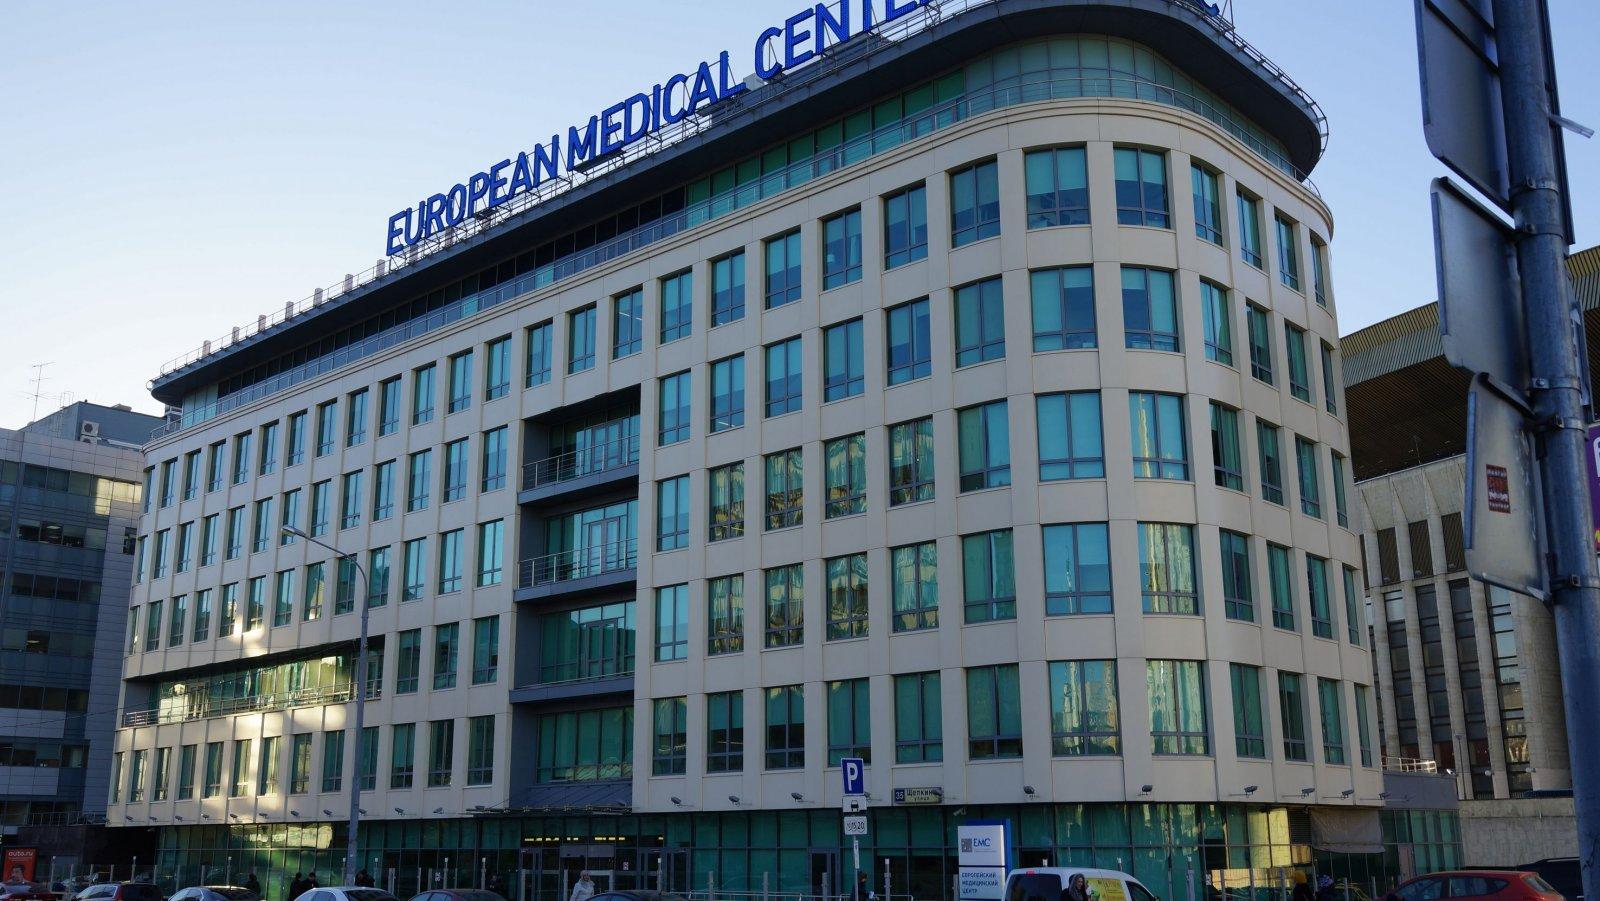 Европейский Медицинский центр, по ул. Щепкина 35, Москва, 23.11.2016 г.